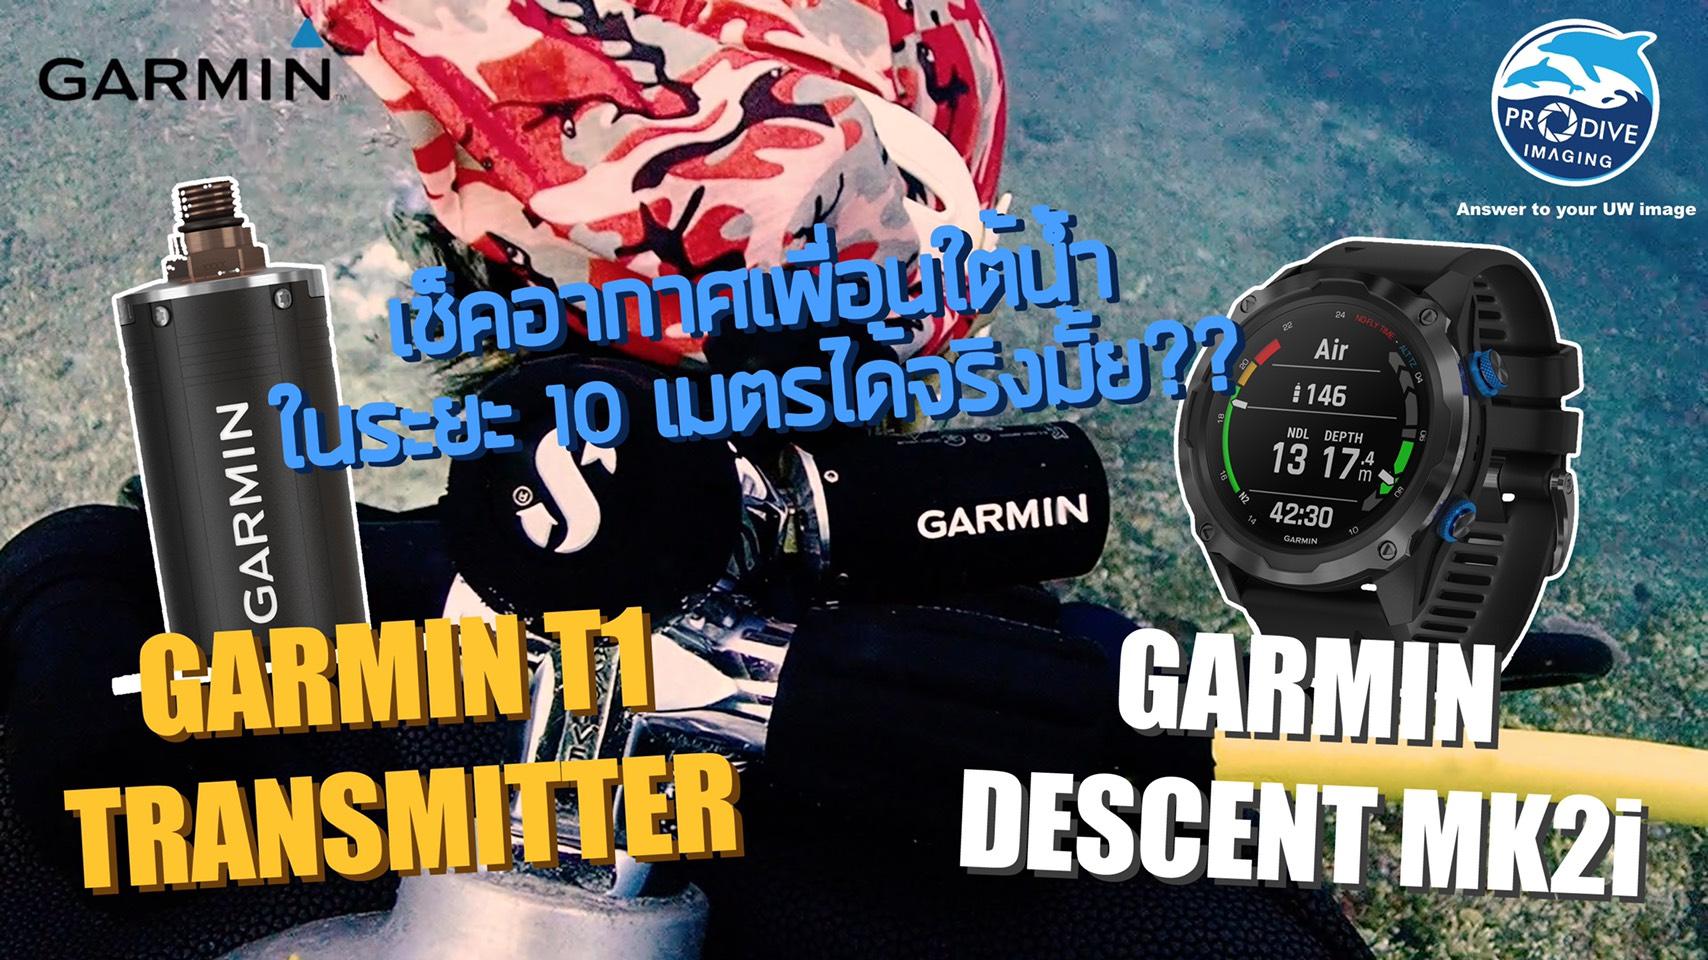 GARMIN Descent T1 Transmitter : รีวิวจริงใต้น้ำ ดูอากาศเพื่อนได้ใต้น้ำในระยะ 10M